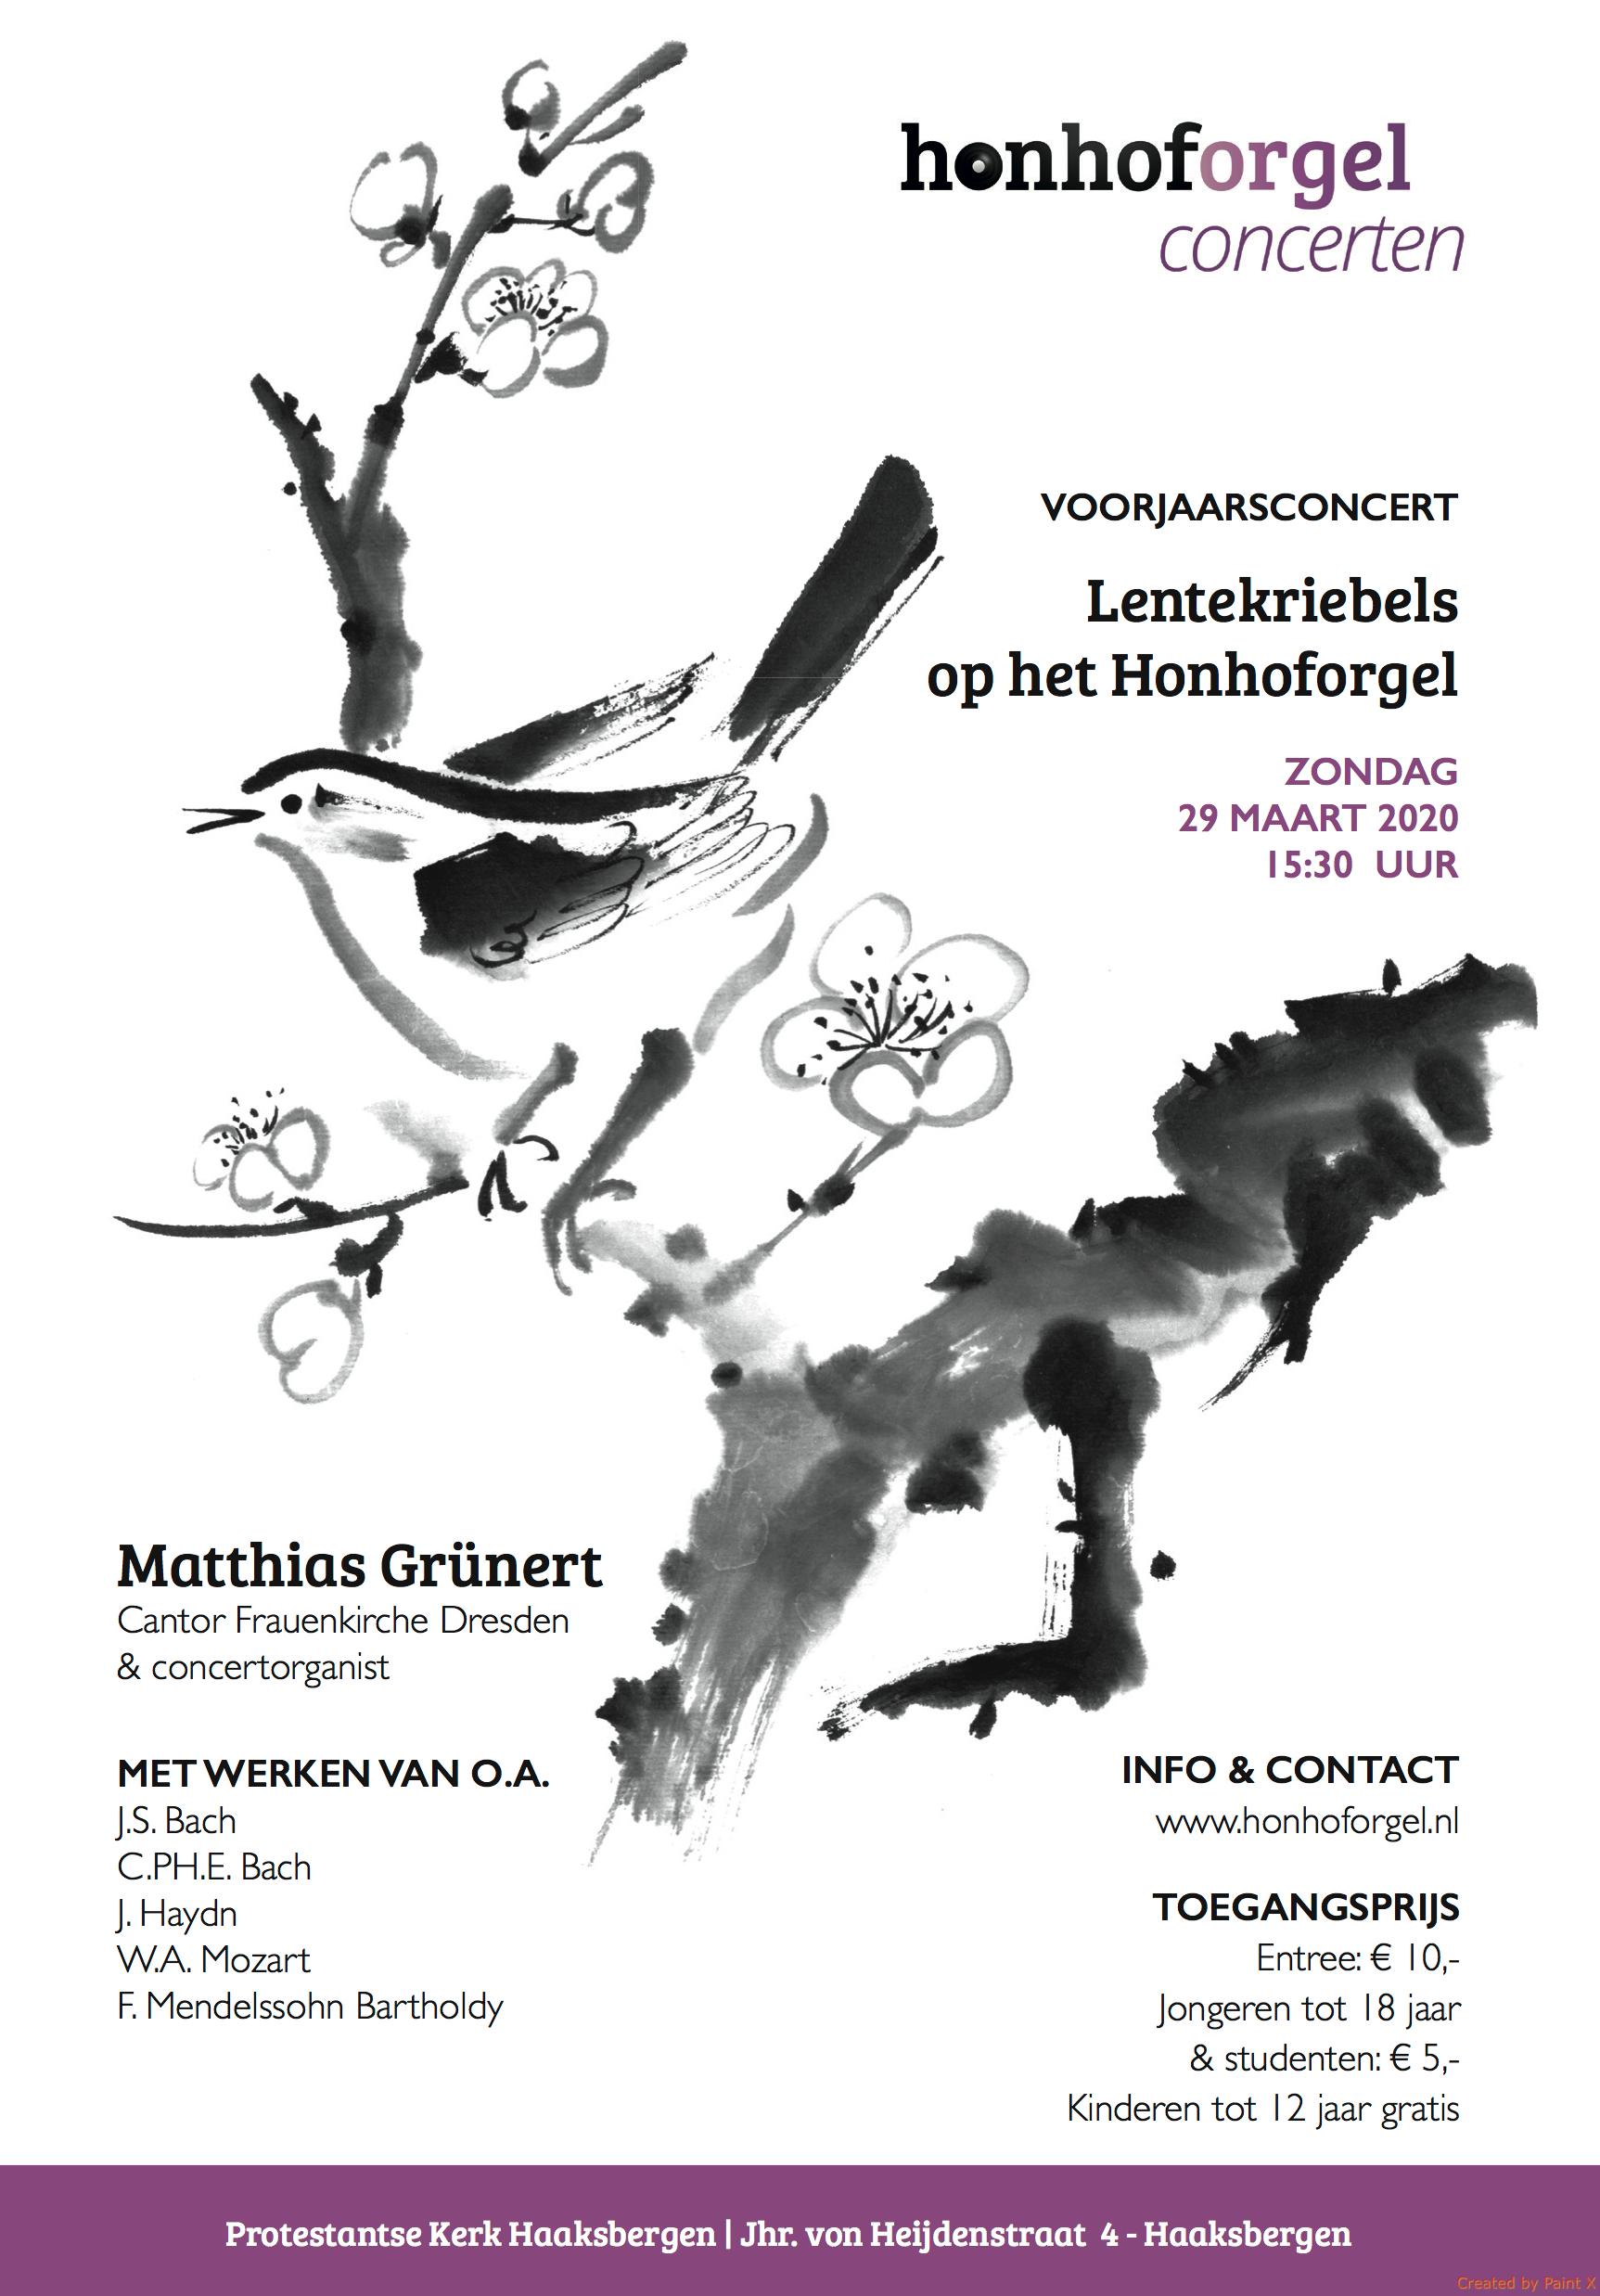 Flyer_Honhof_voorzijde_07032020